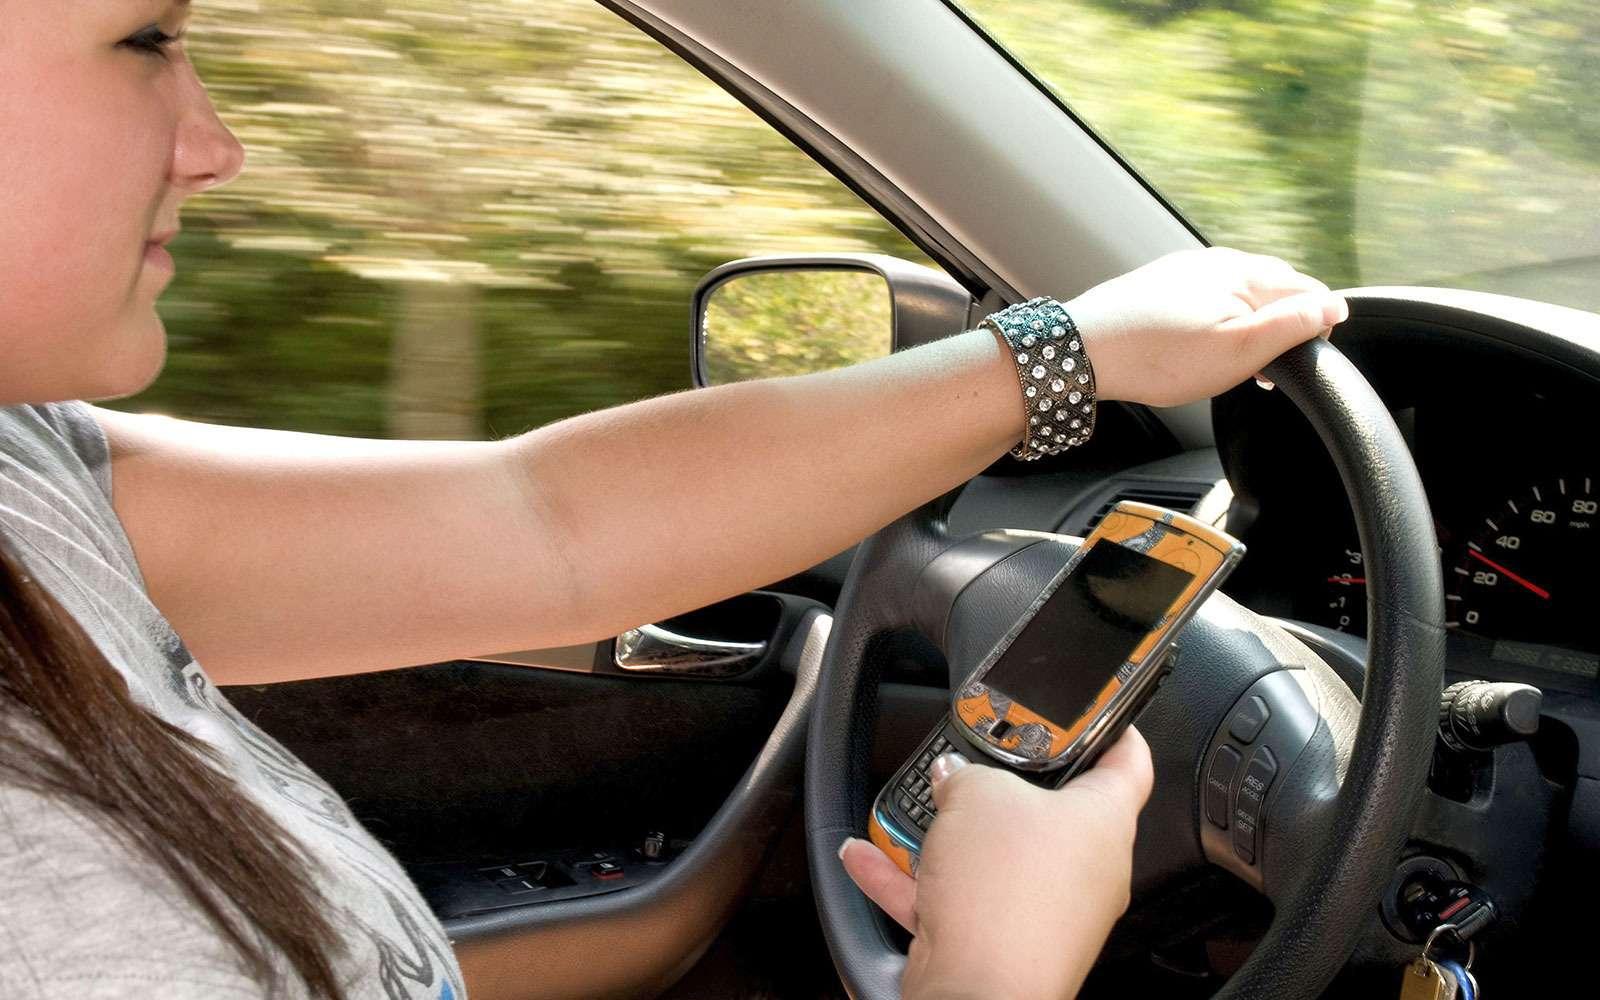 Пользование телефоном зарулем автомобиля